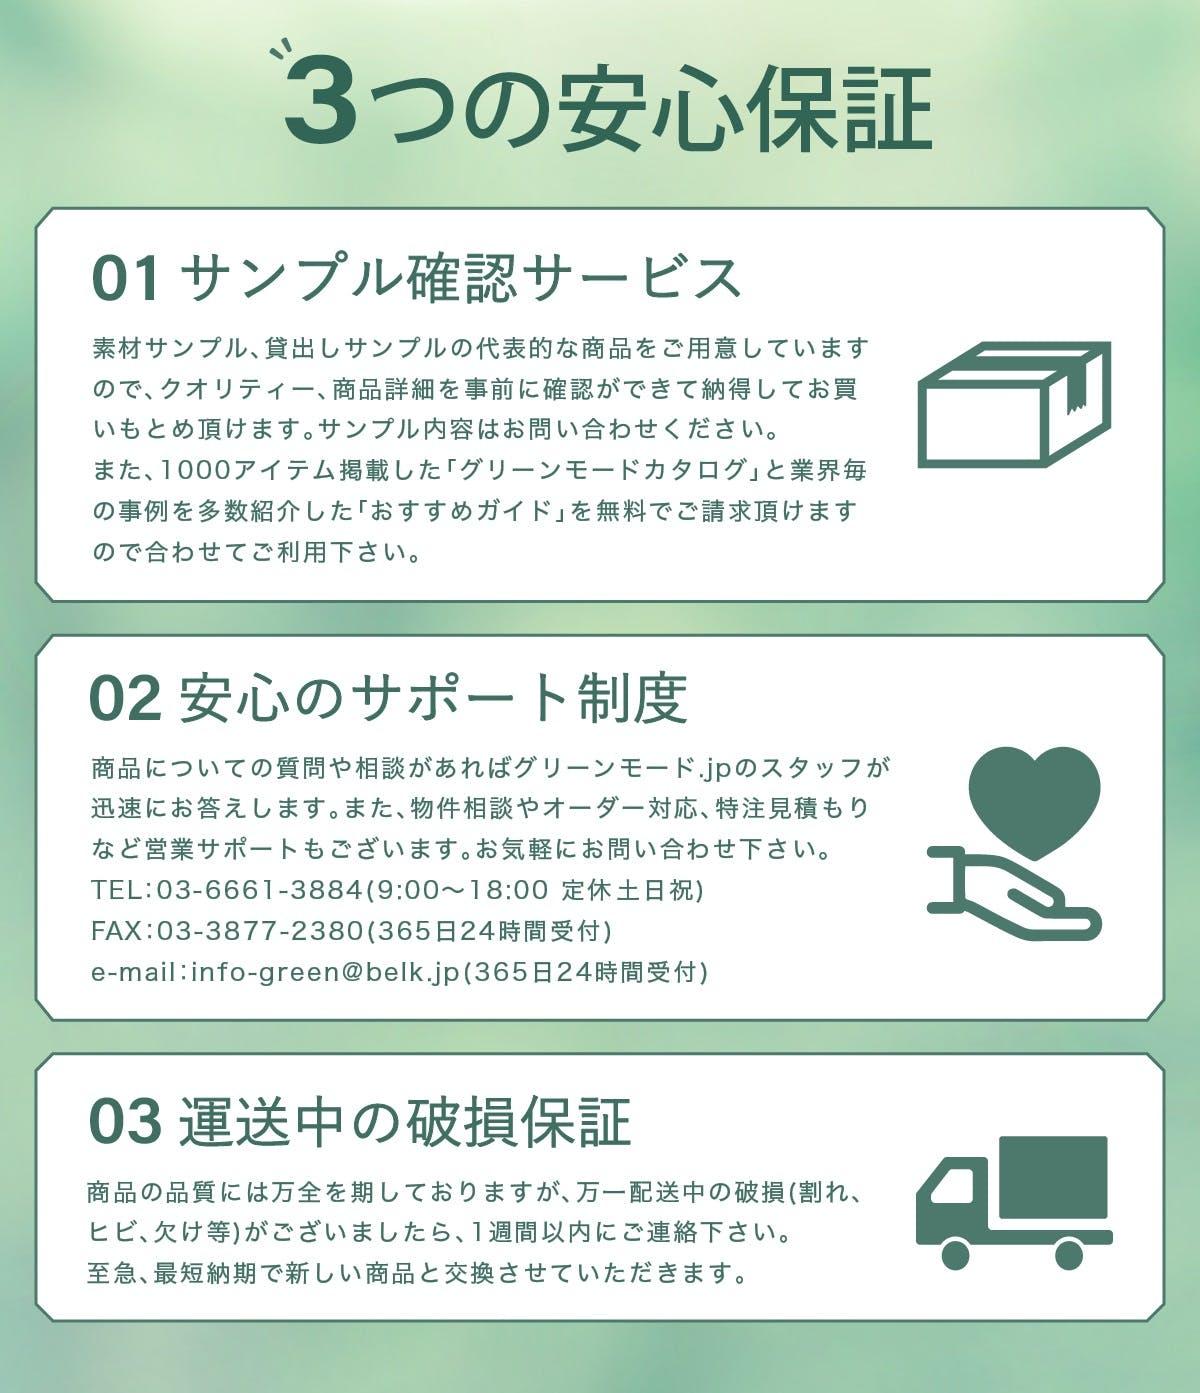 グリーンモードの3つの安心保障